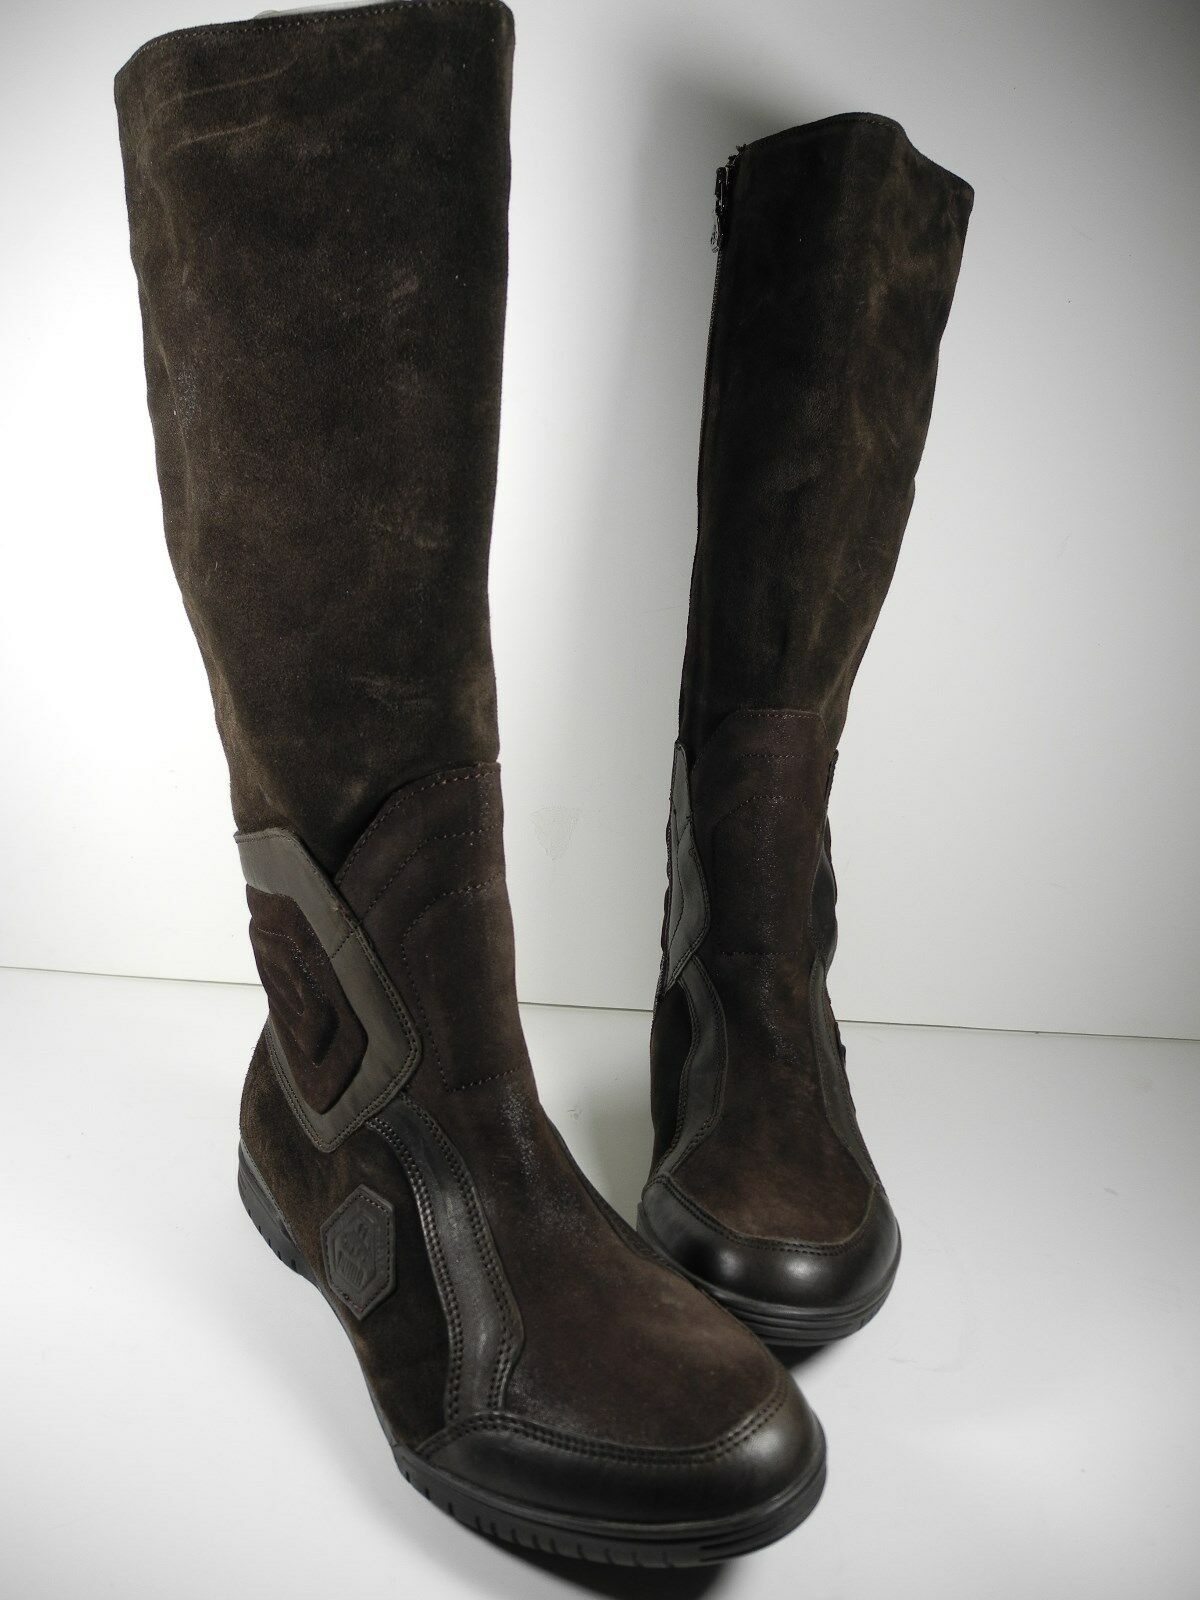 NEW Puma ZEITALTER by RUDOLF DASSLER Women's Boots Sz 7